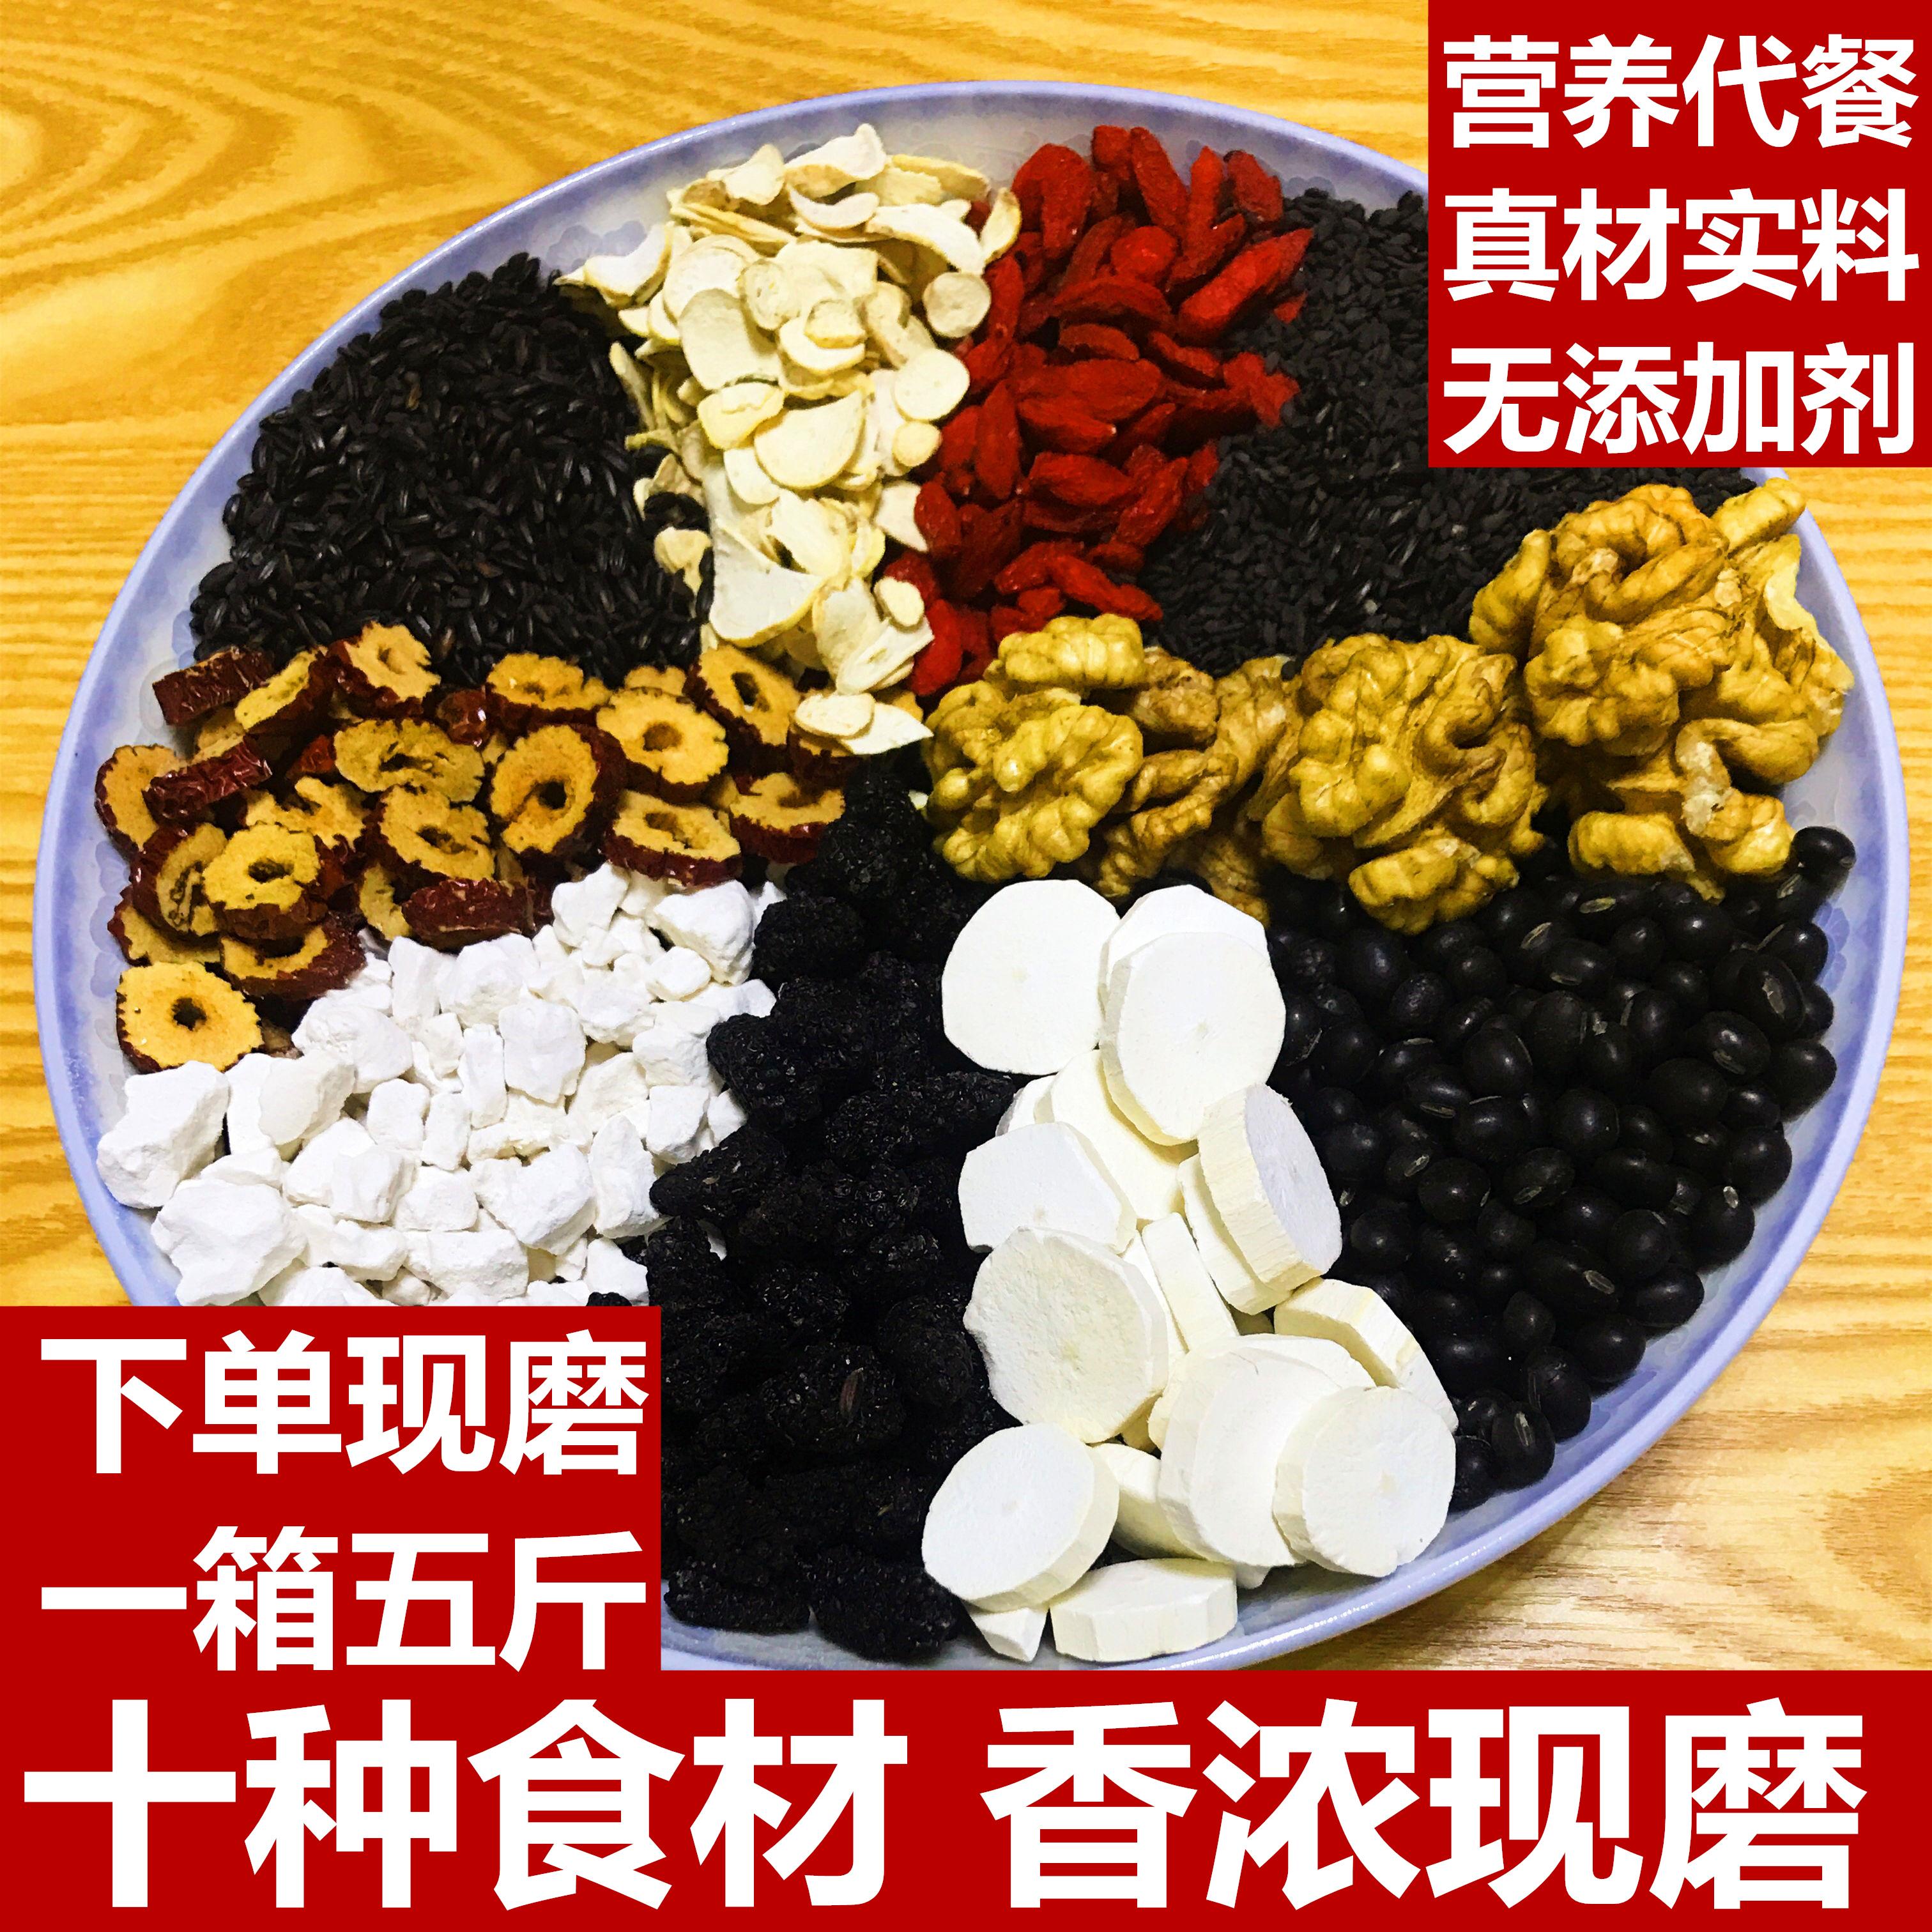 Купить Натуральные пищевые порошки в Китае, в интернет магазине таобао на русском языке